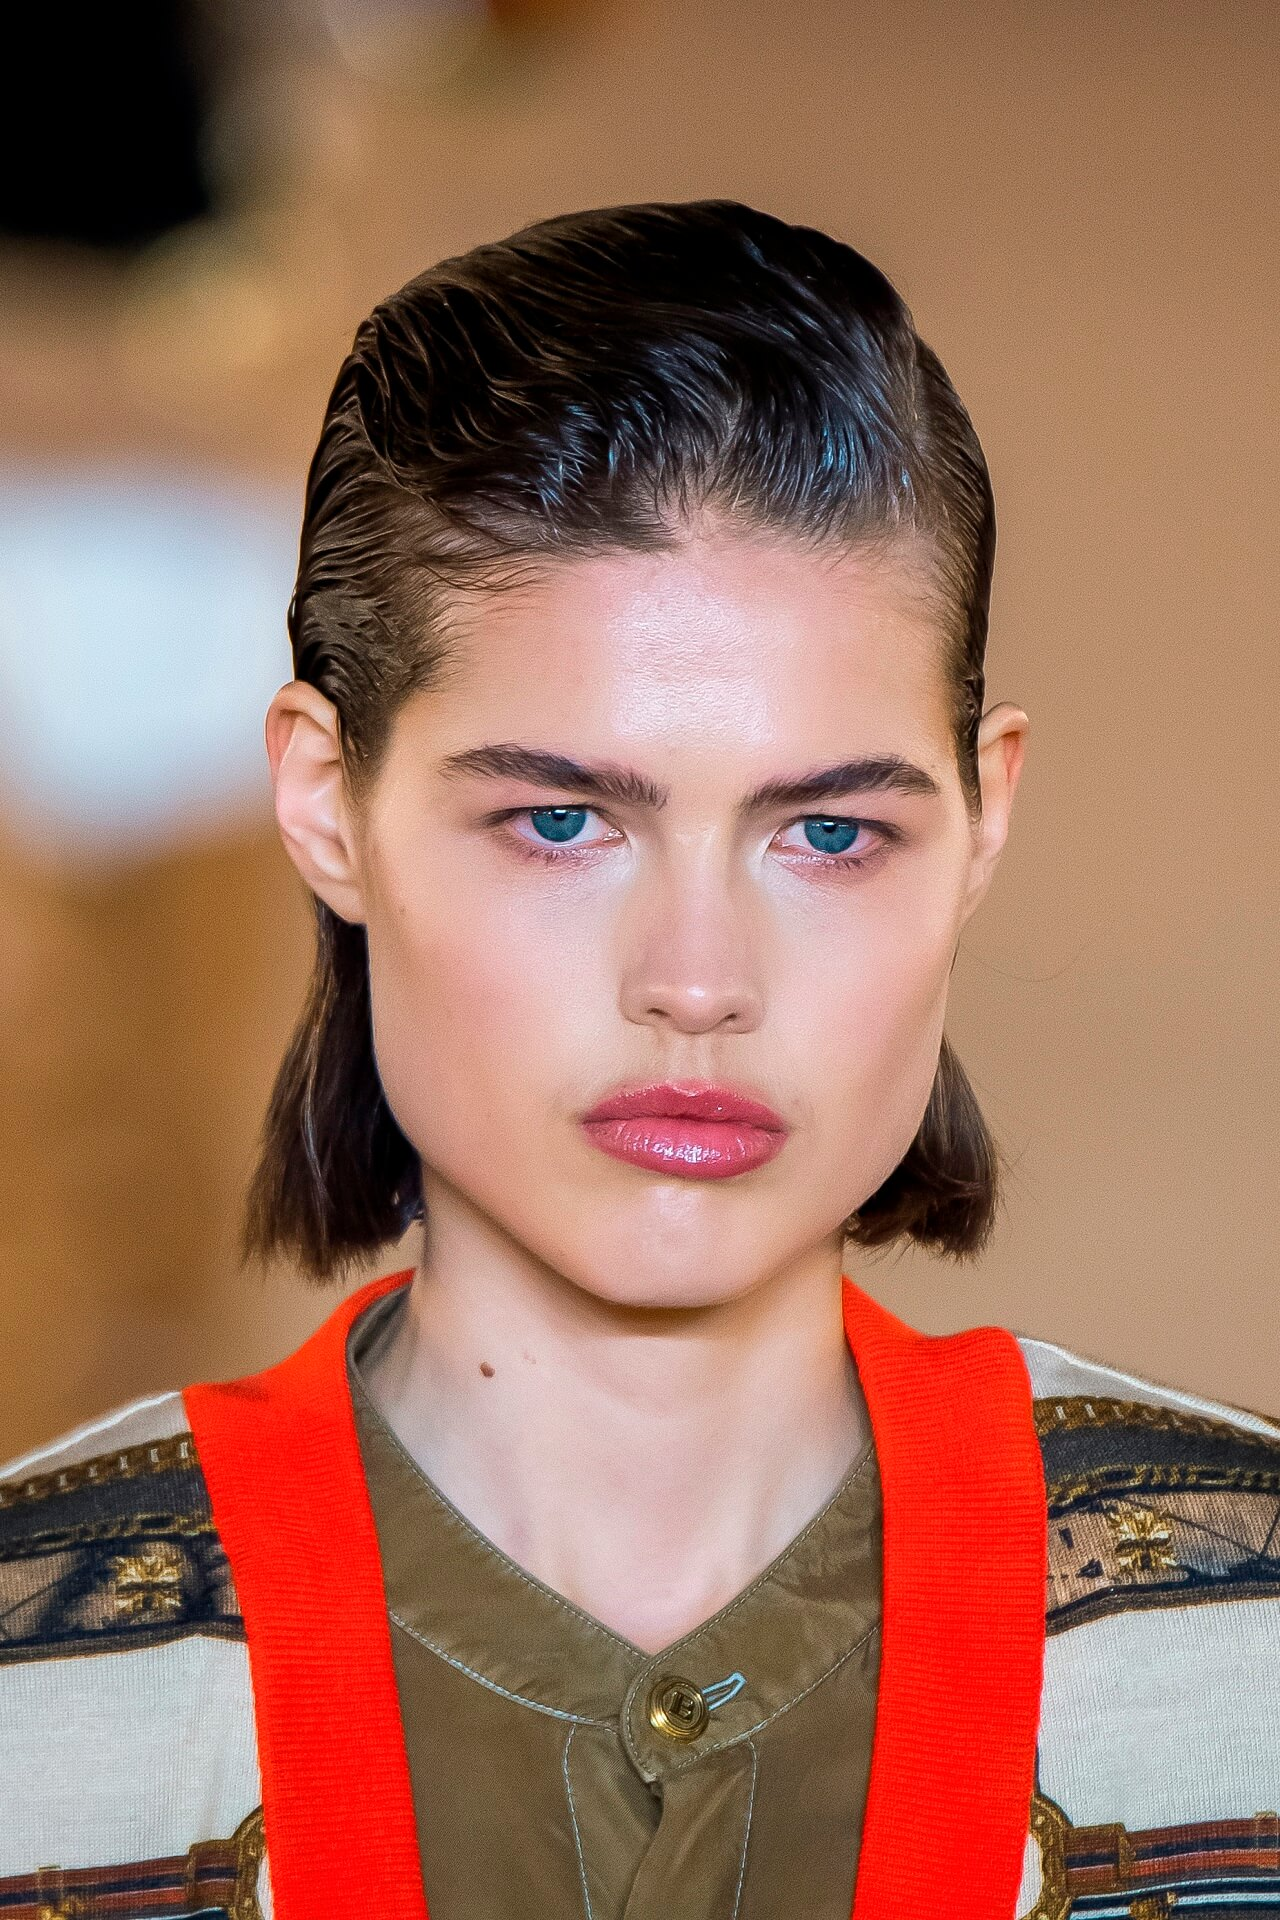 Сияй, звезда моя: 5 лучших make-up-средств, которые заставят вашу кожу светиться-Фото 1